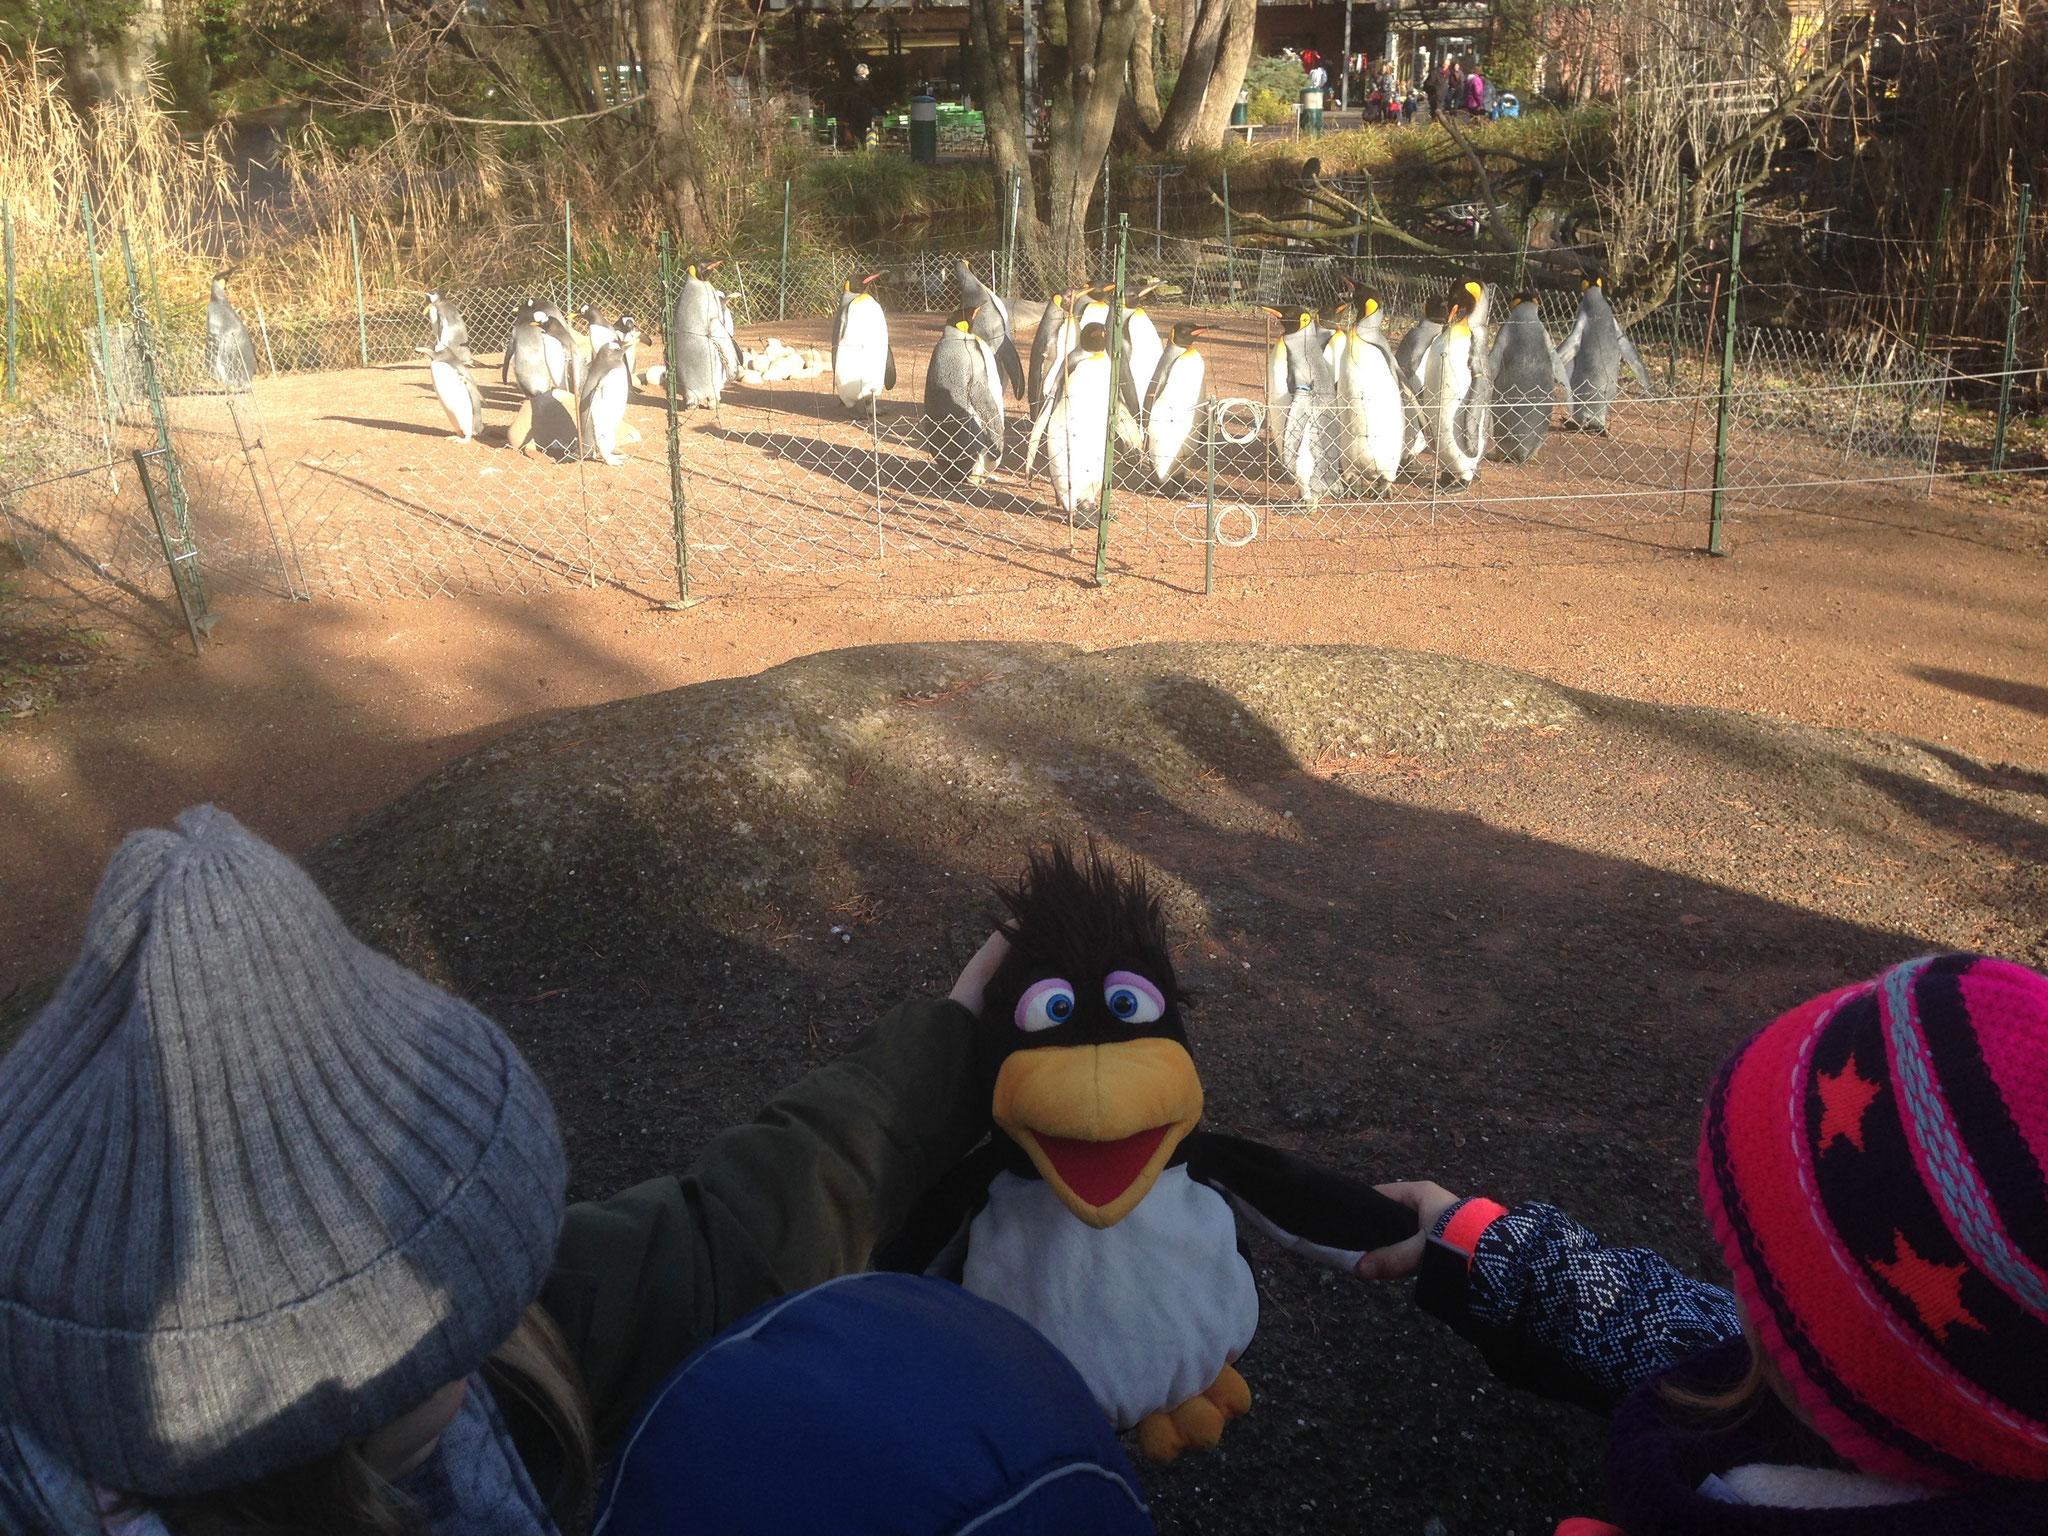 Herr Thomas Müller bei den Pinguinen